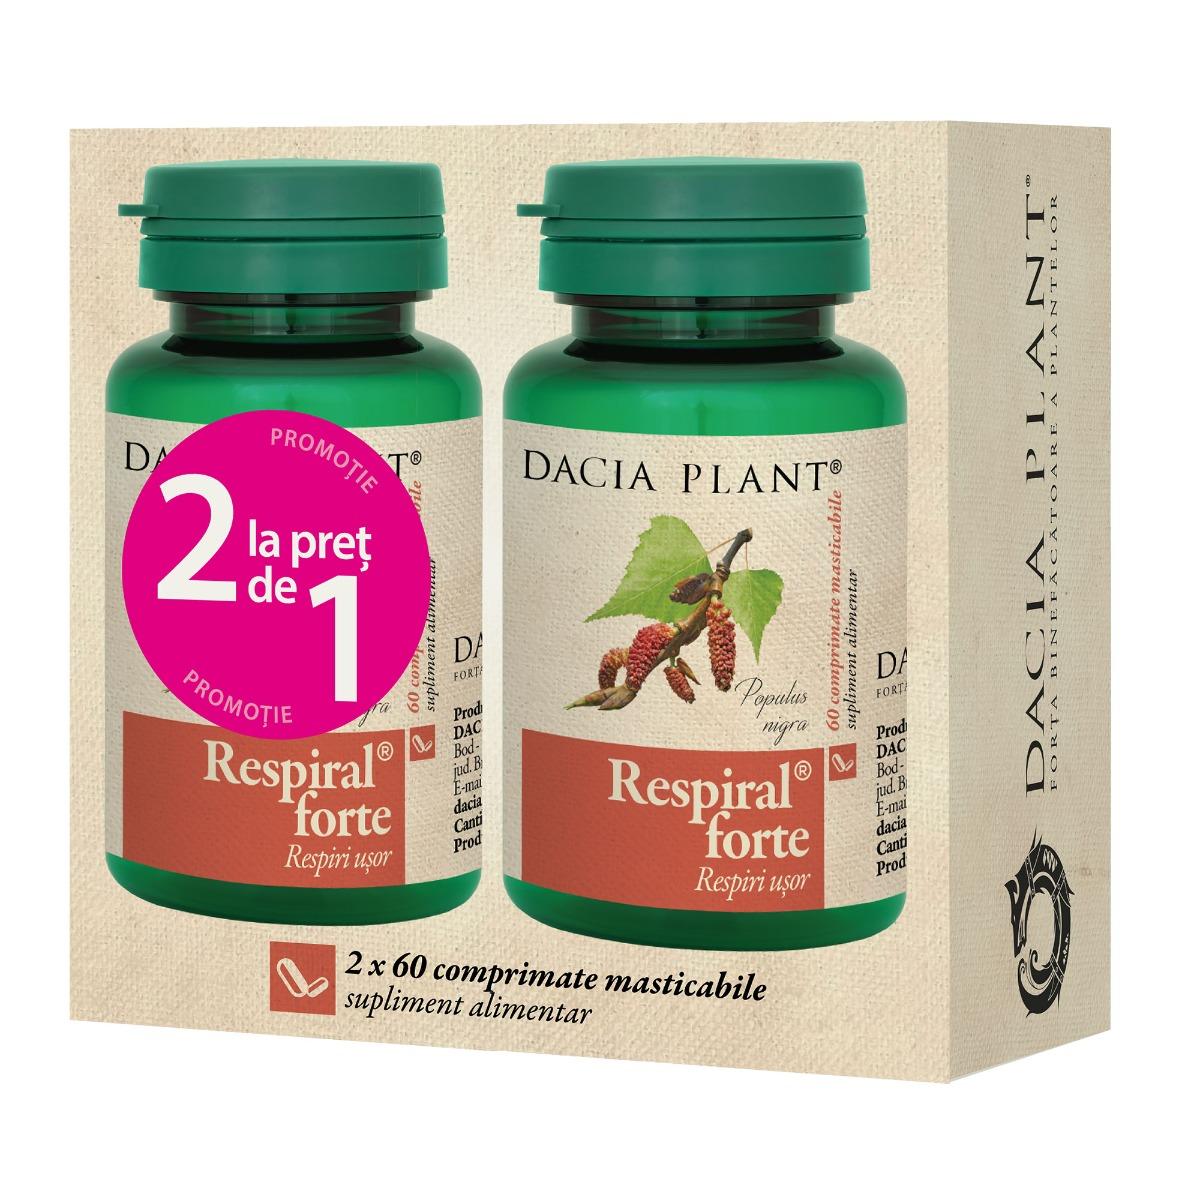 Respiral Forte 1+1 gratis, 60 comprimate, Dacia Plant drmax.ro